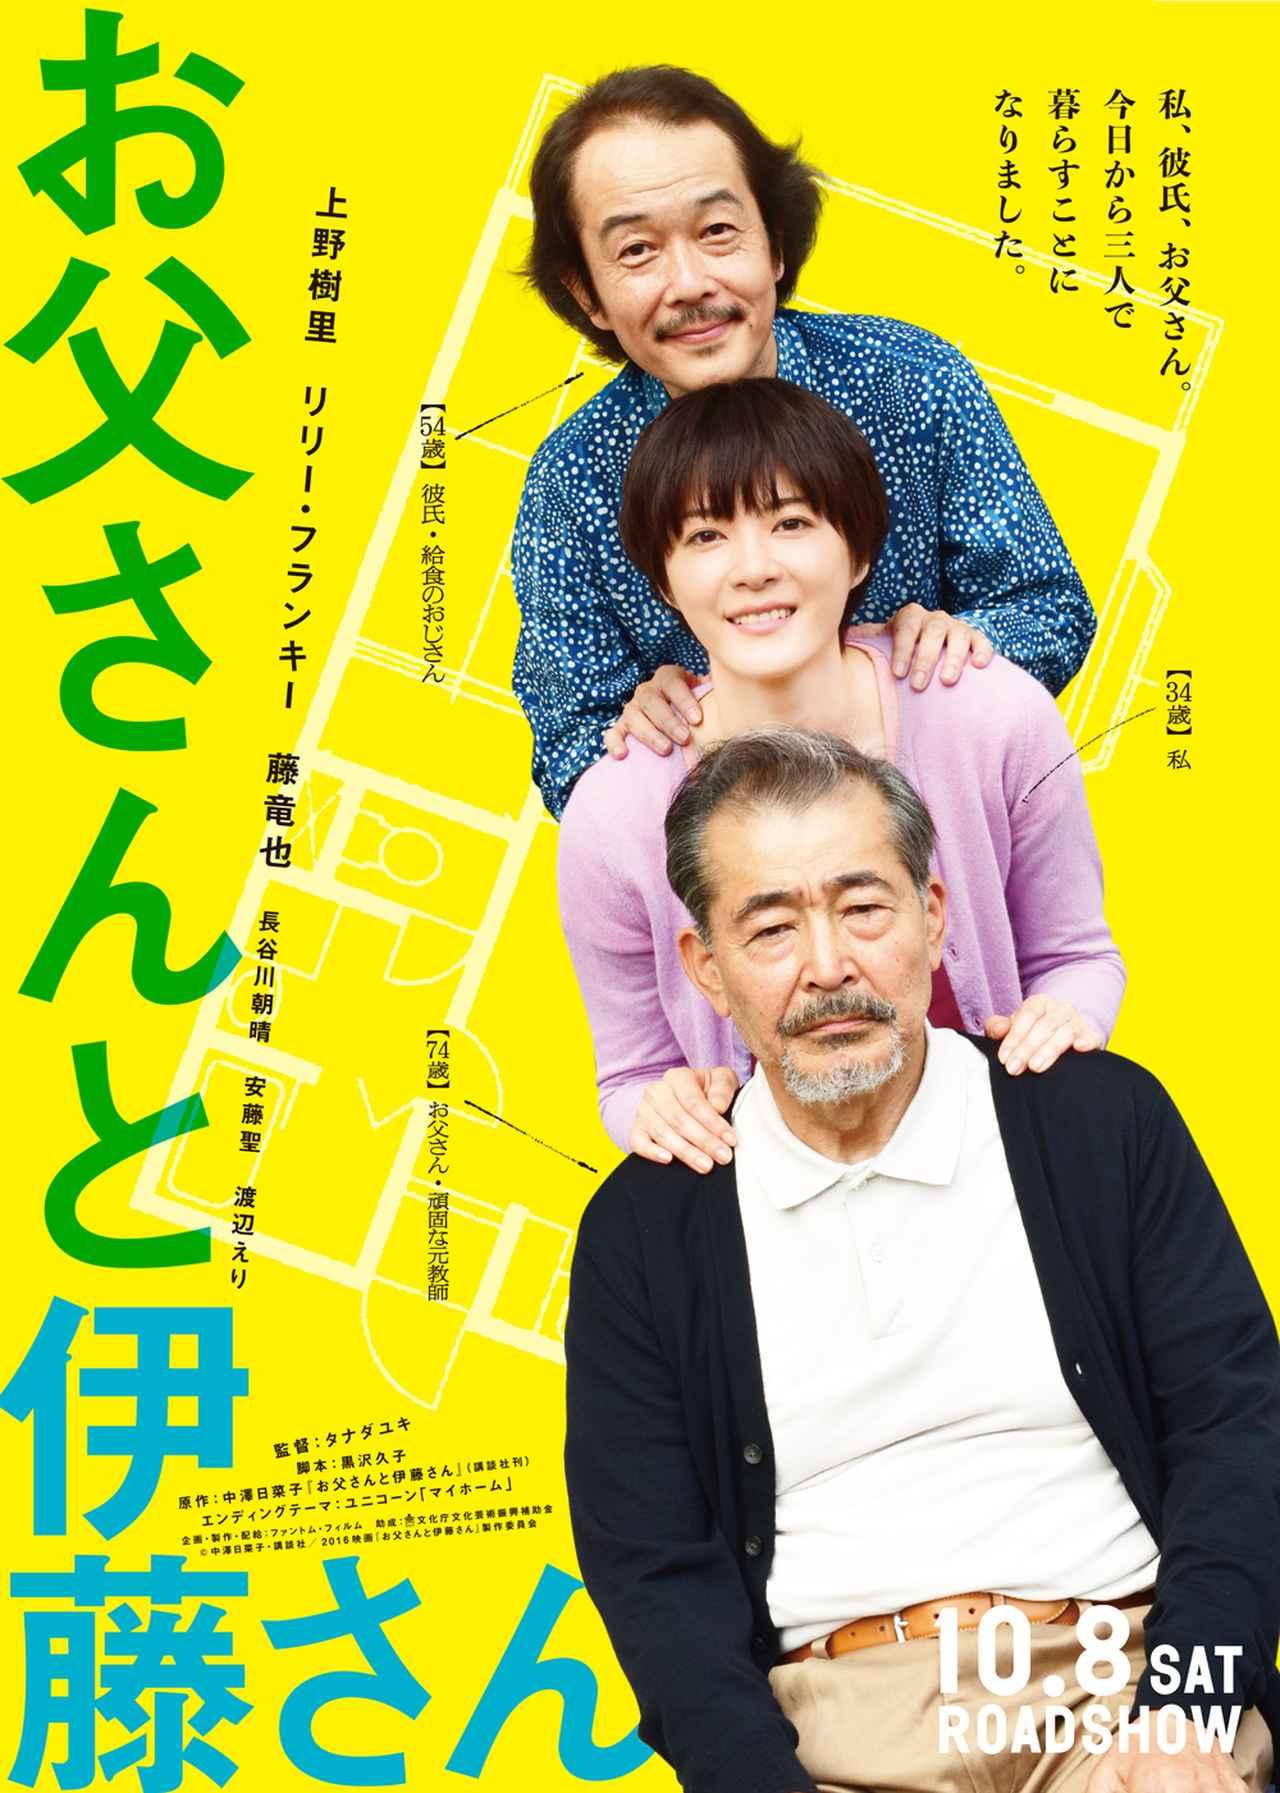 画像3: 家族のカタチを描く『お父さんと伊藤さん』 監督も役者も絶賛!「上野樹里、役者として最強」